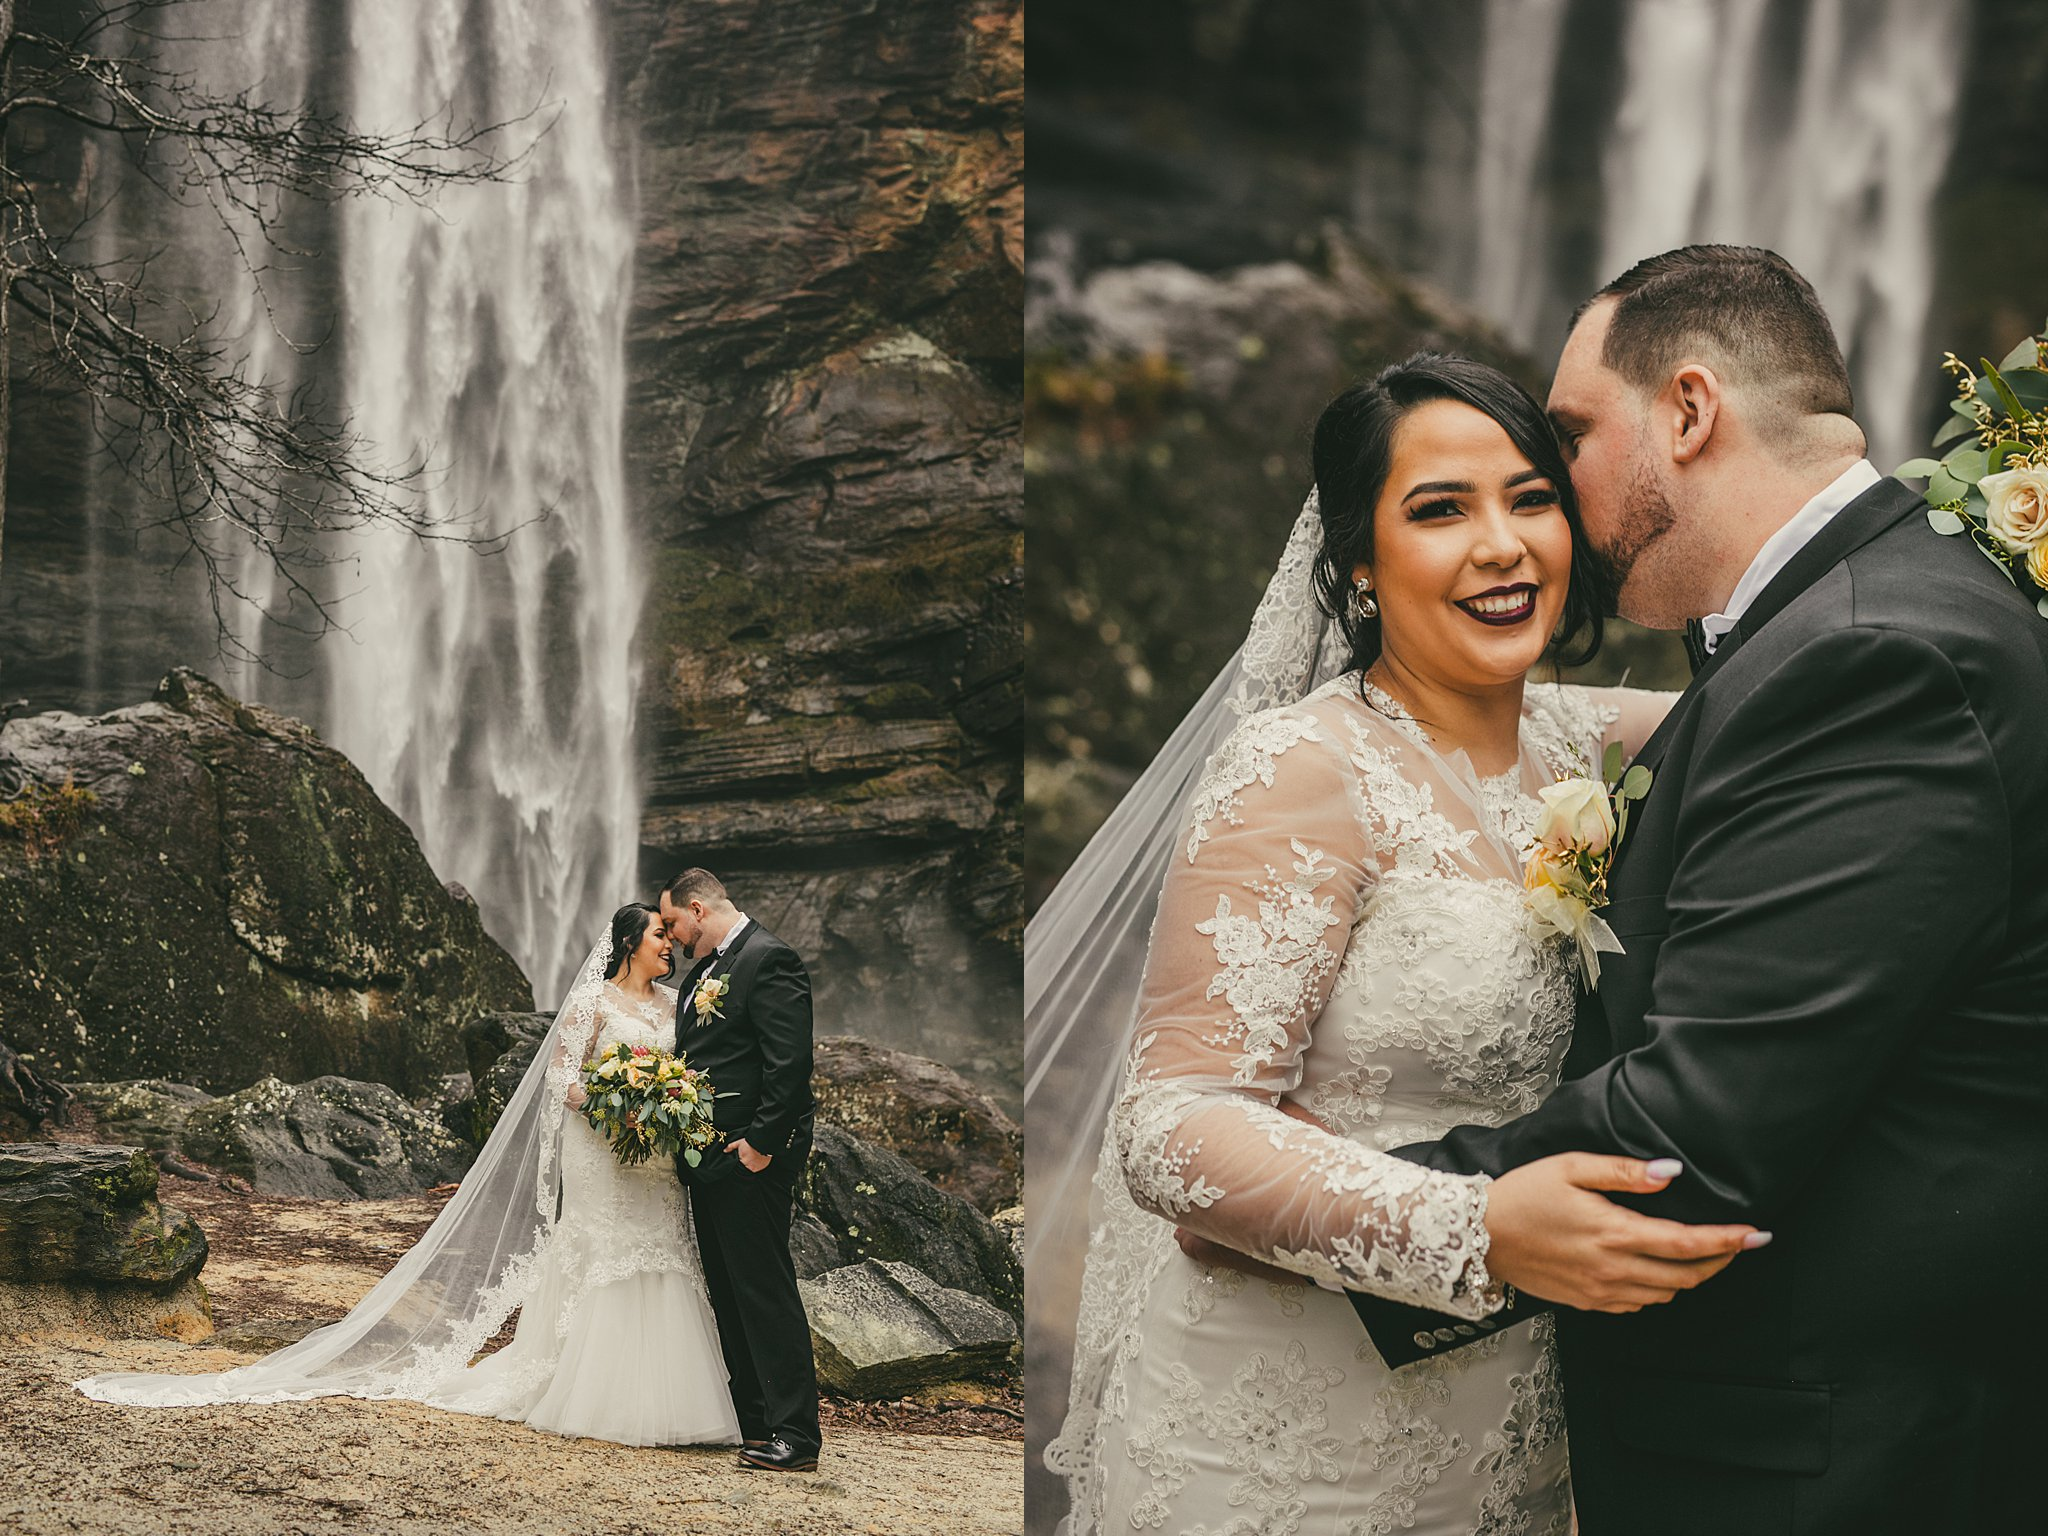 AtlantaWeddingPhotographers Toccoa Falls Waterfall Wedding